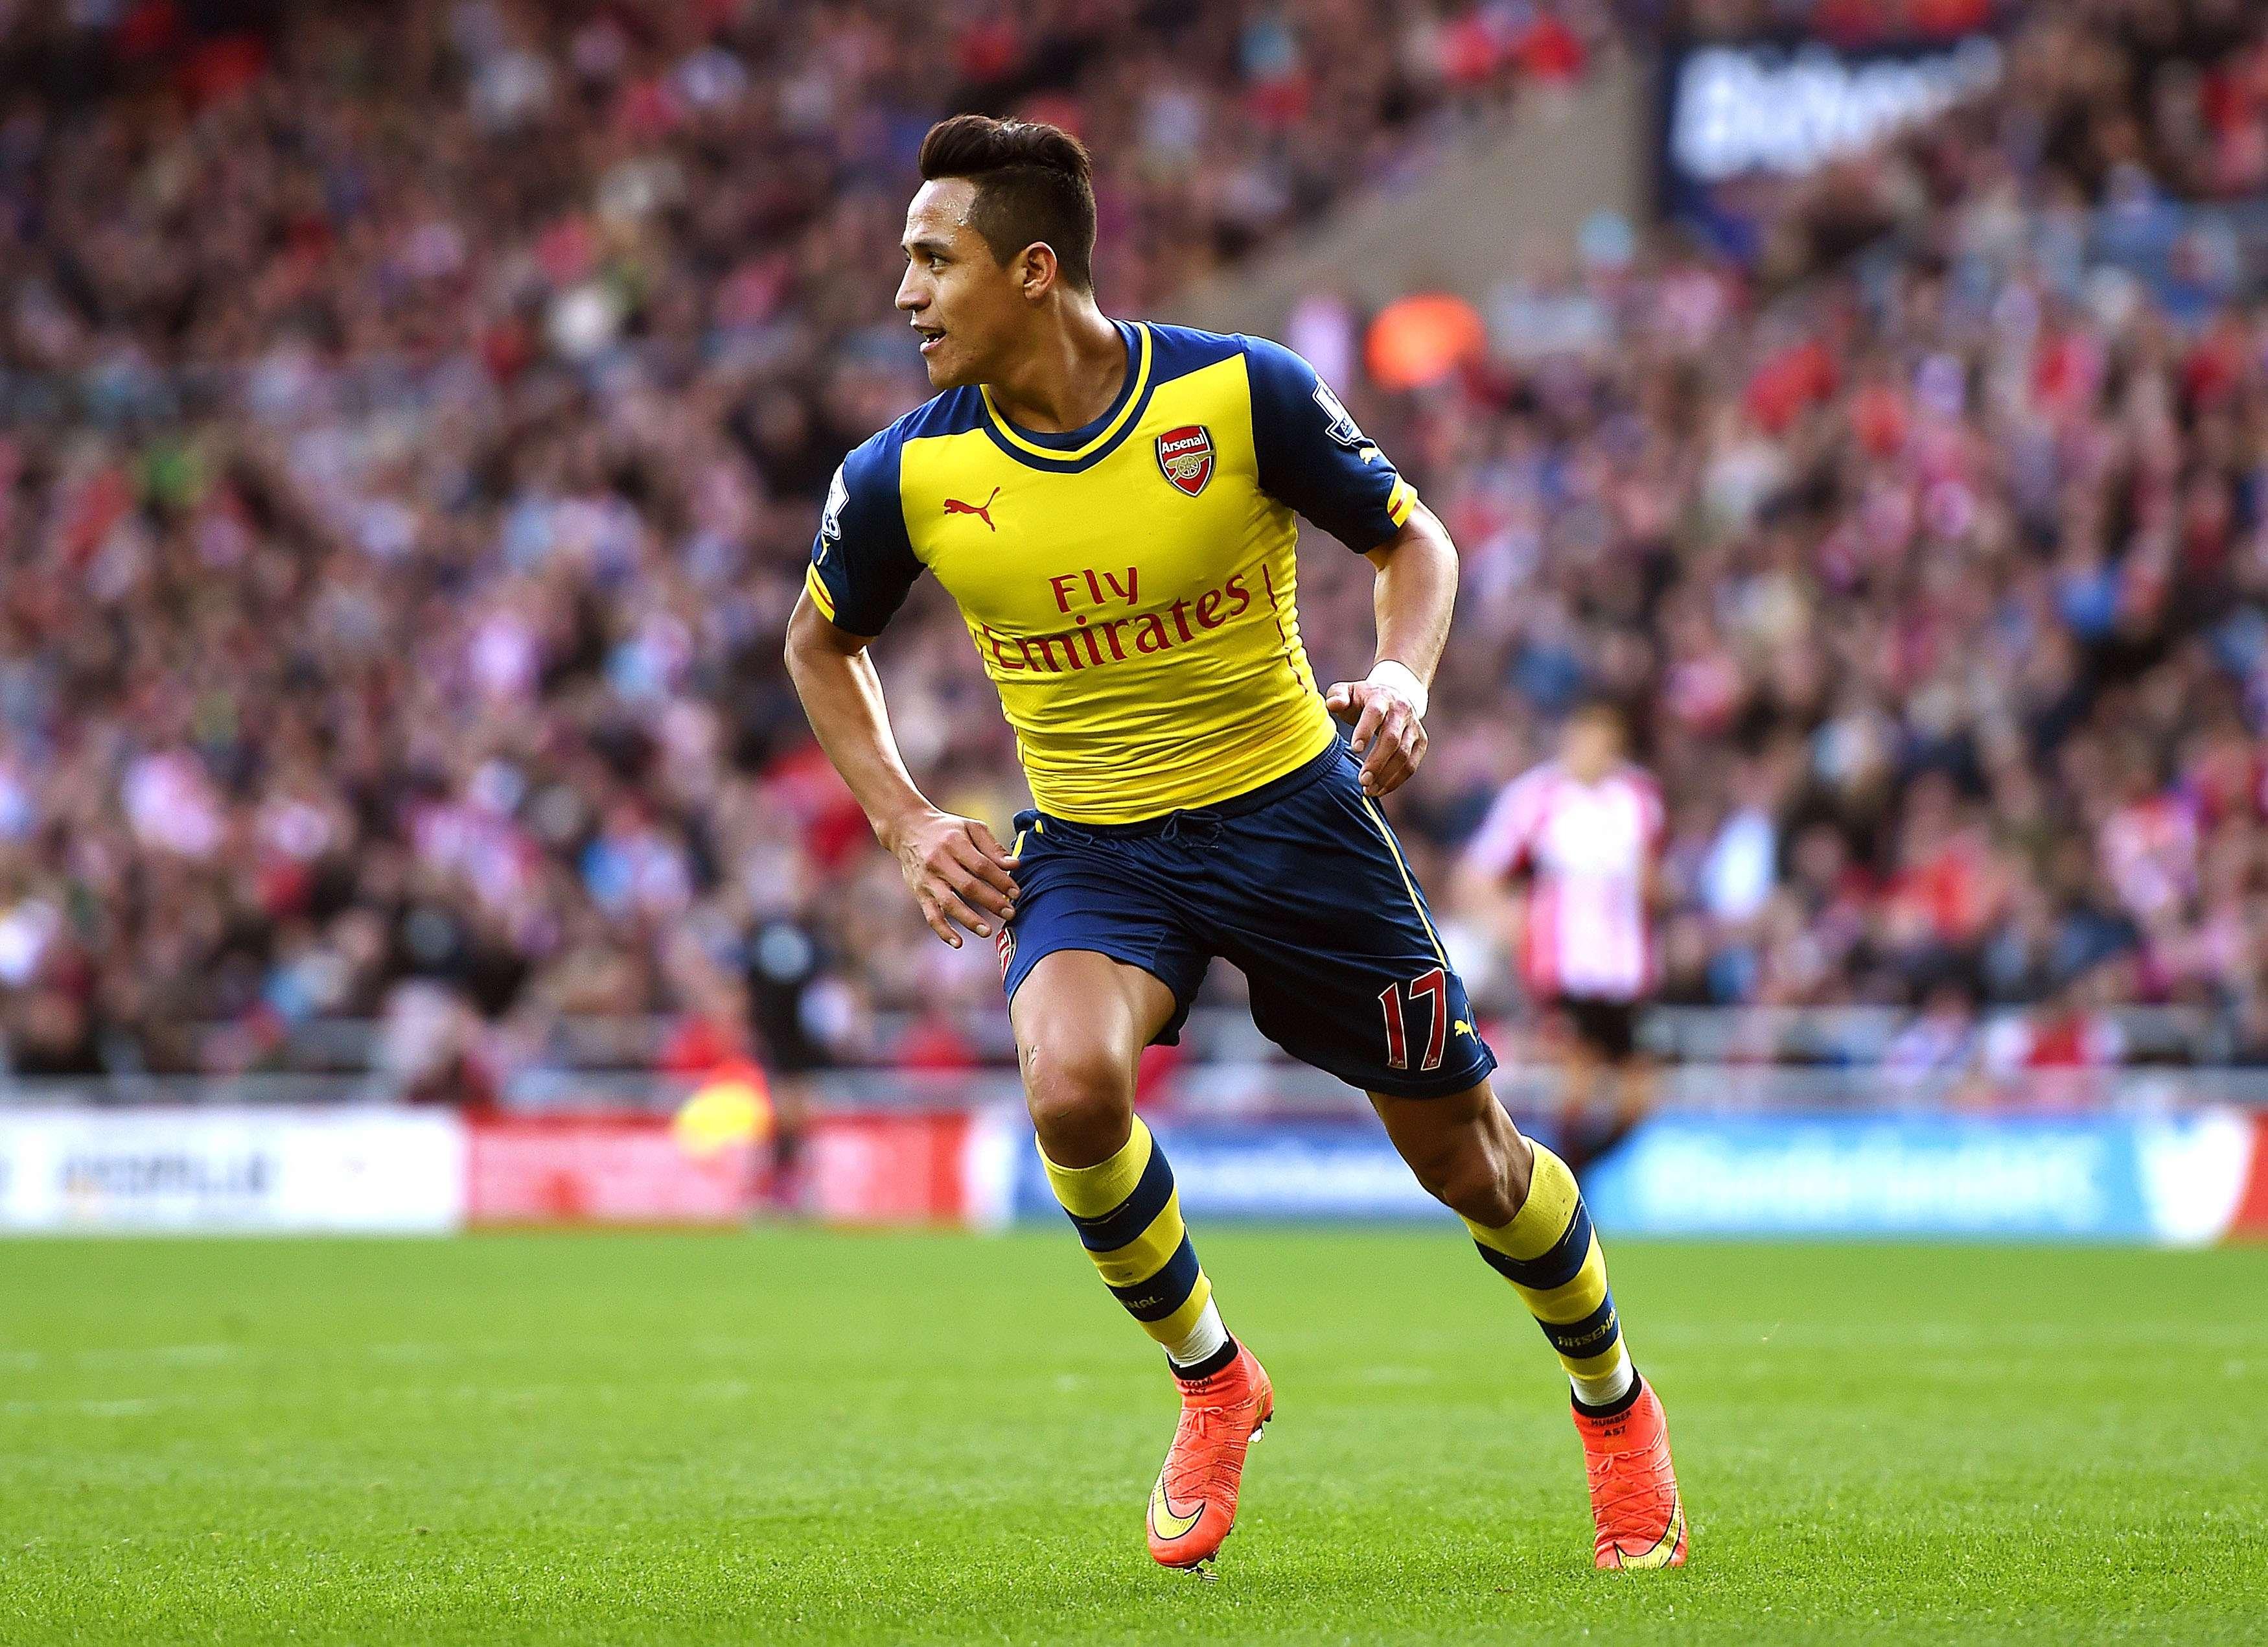 Alexis Sánchez fez dois gols em vitória do Arsenal Foto: Michael Regan/Getty Images